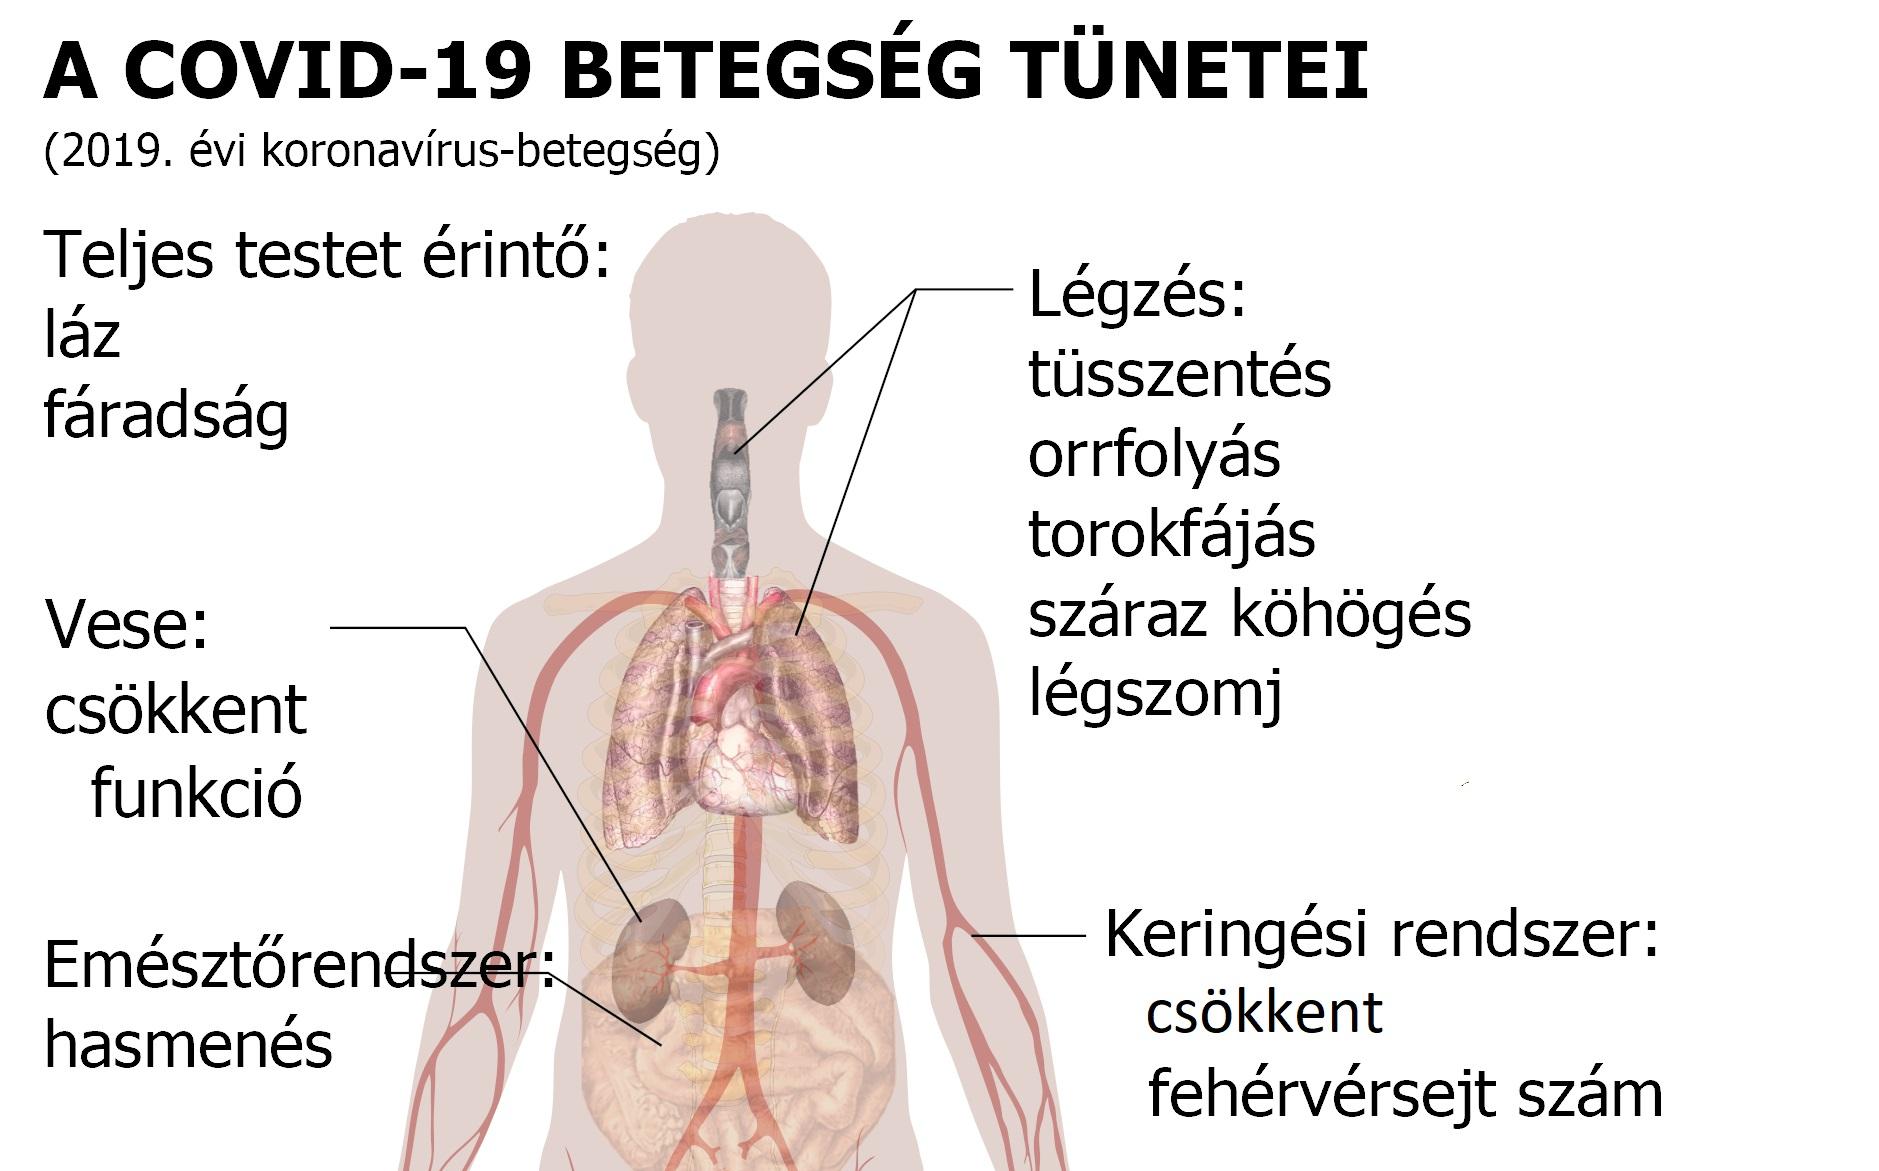 vese hipertónia m mit kell venni a magas vérnyomás kezelésére